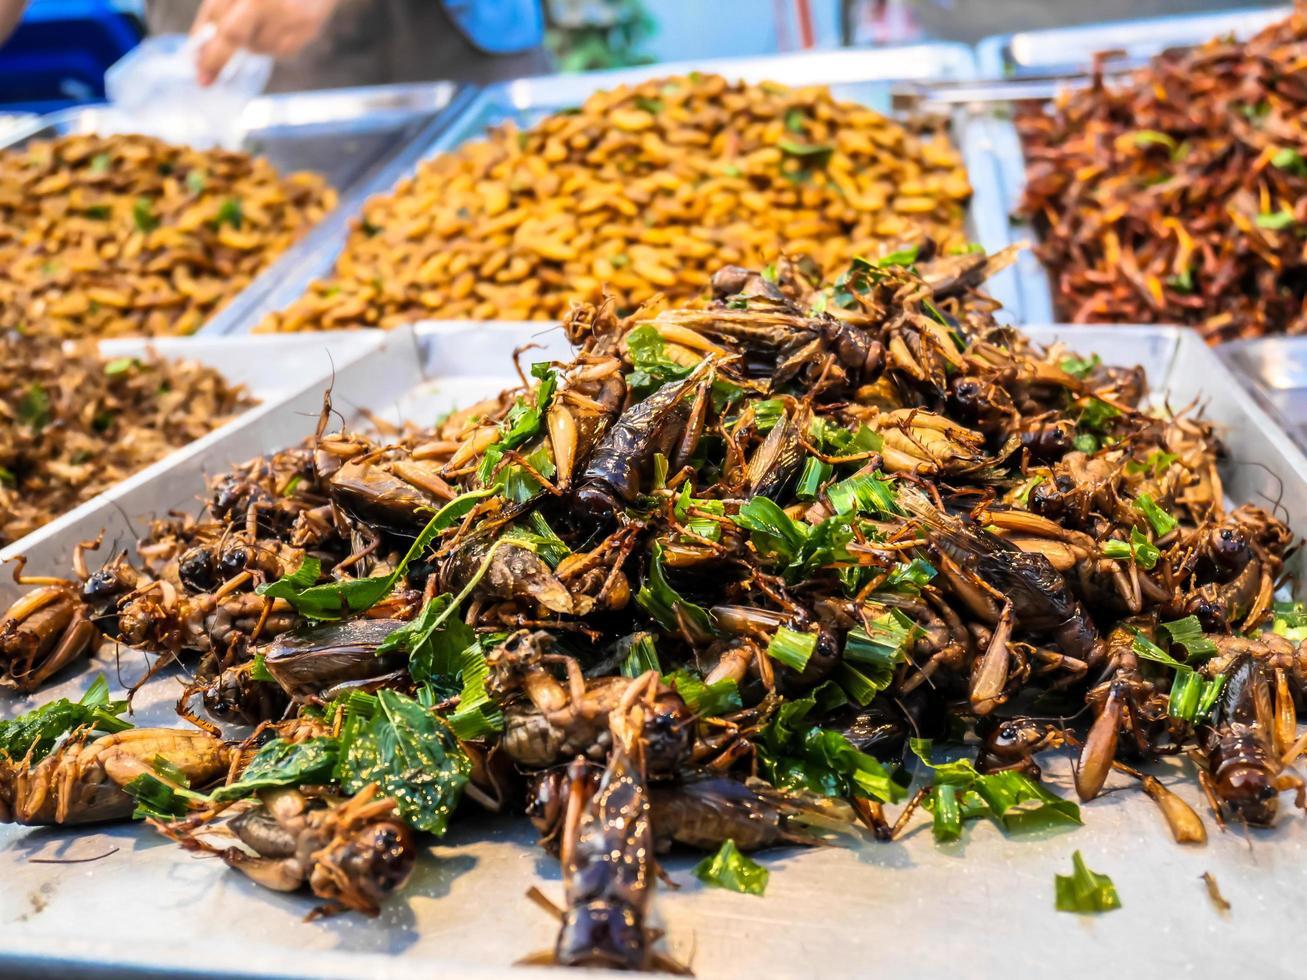 insetti fritti nel cibo di strada del mercato notturno della thailandia foto